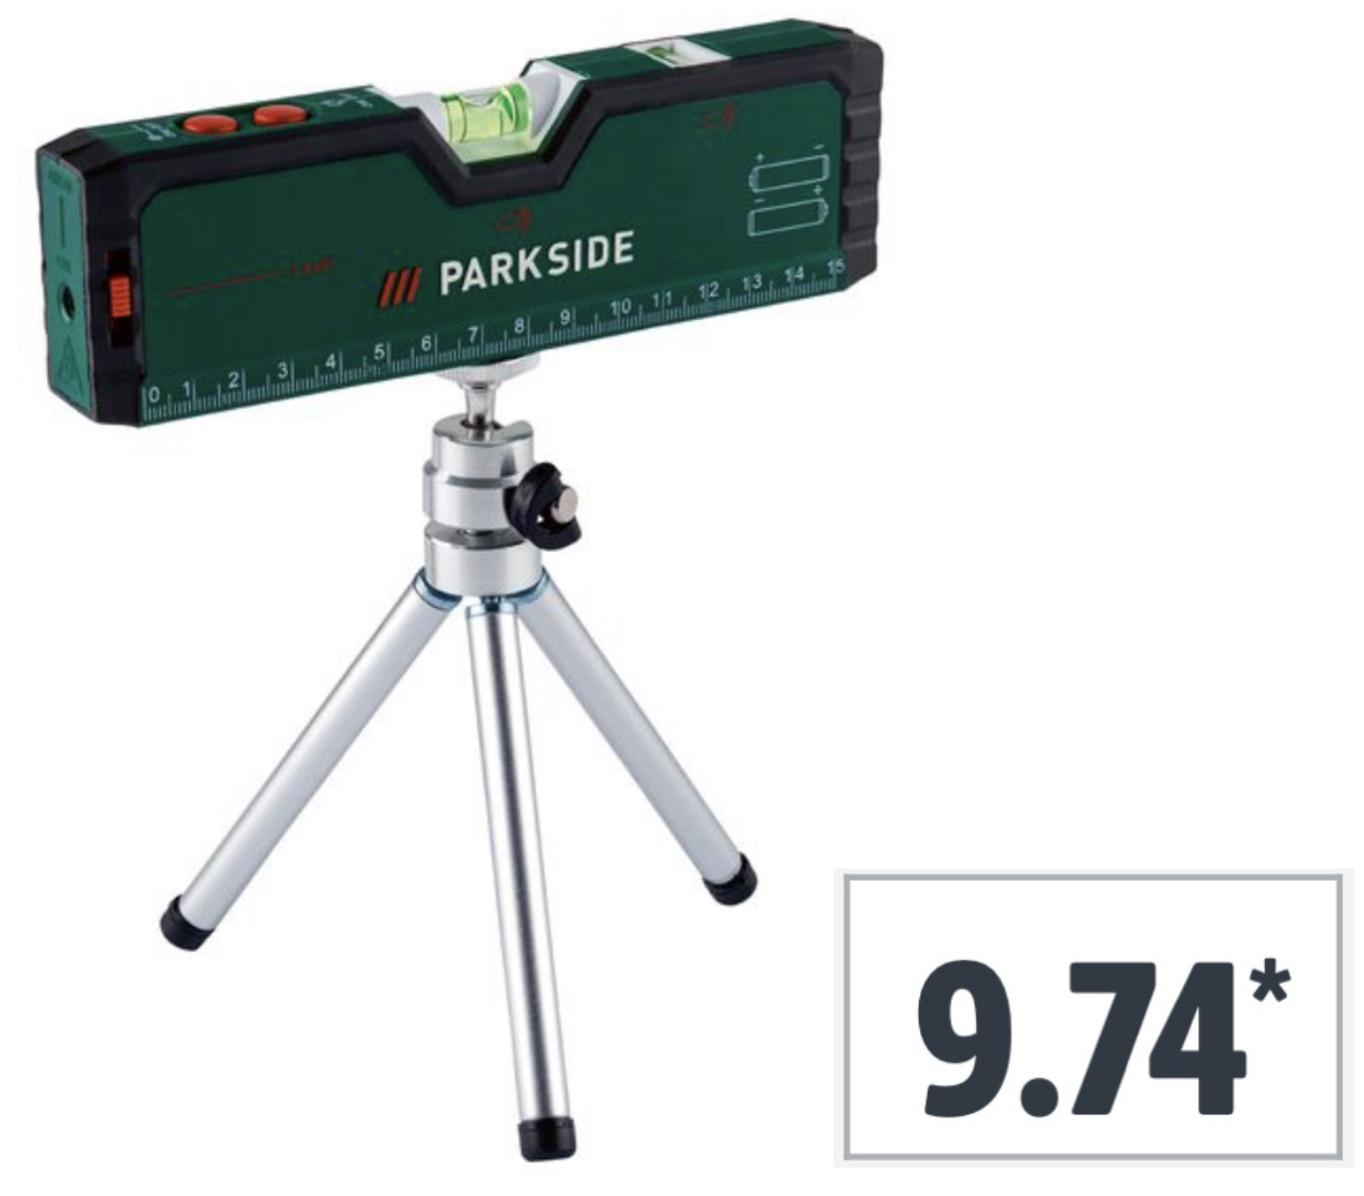 Laser-Wasserwaage mit Kreuzlinien- und Linienlaser für 9,74€ / Schallpegel Messgerät oder pH Wert Messgerät für je 8,76€